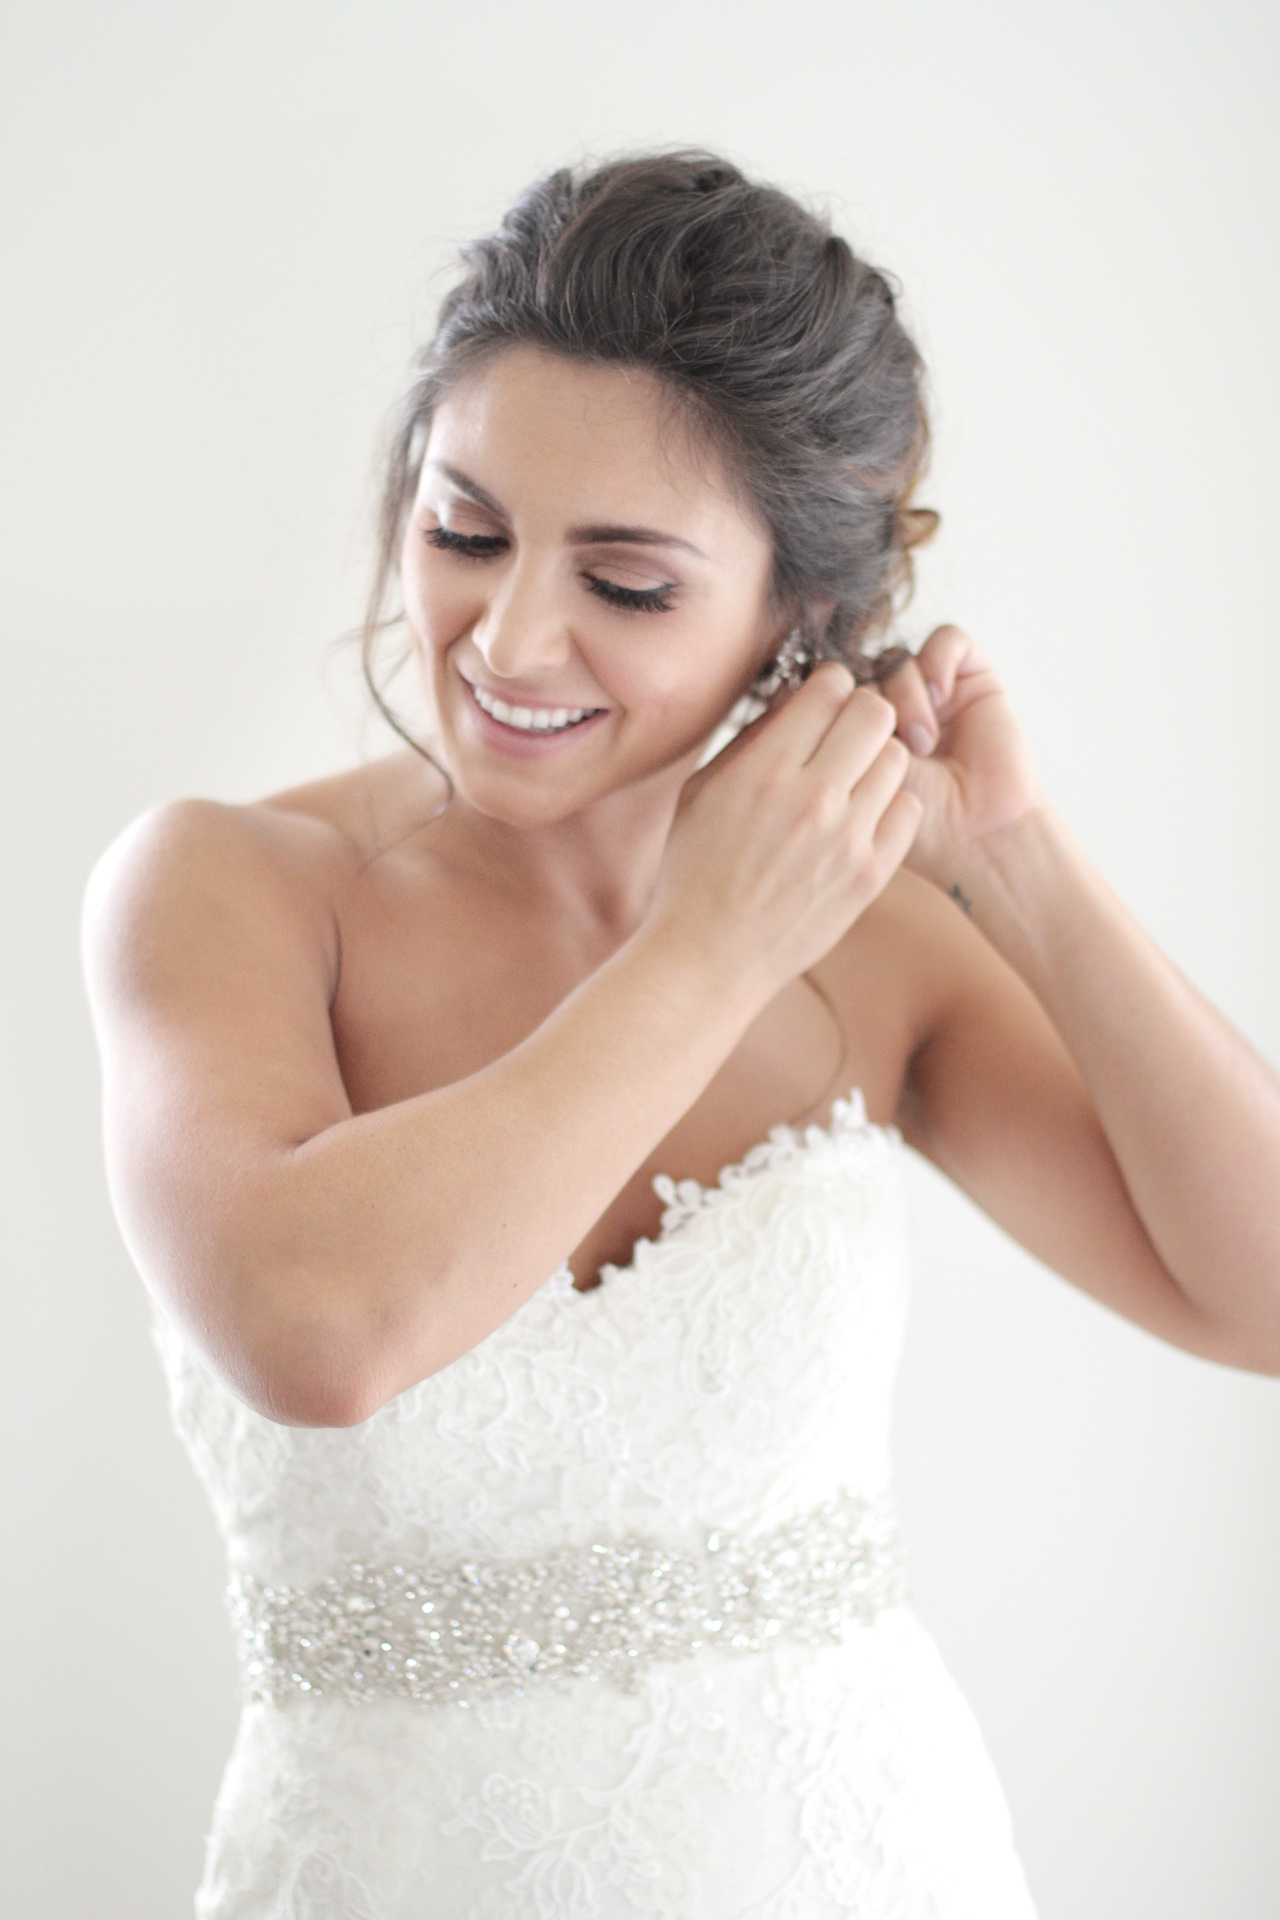 pittsburgh-bride-earring